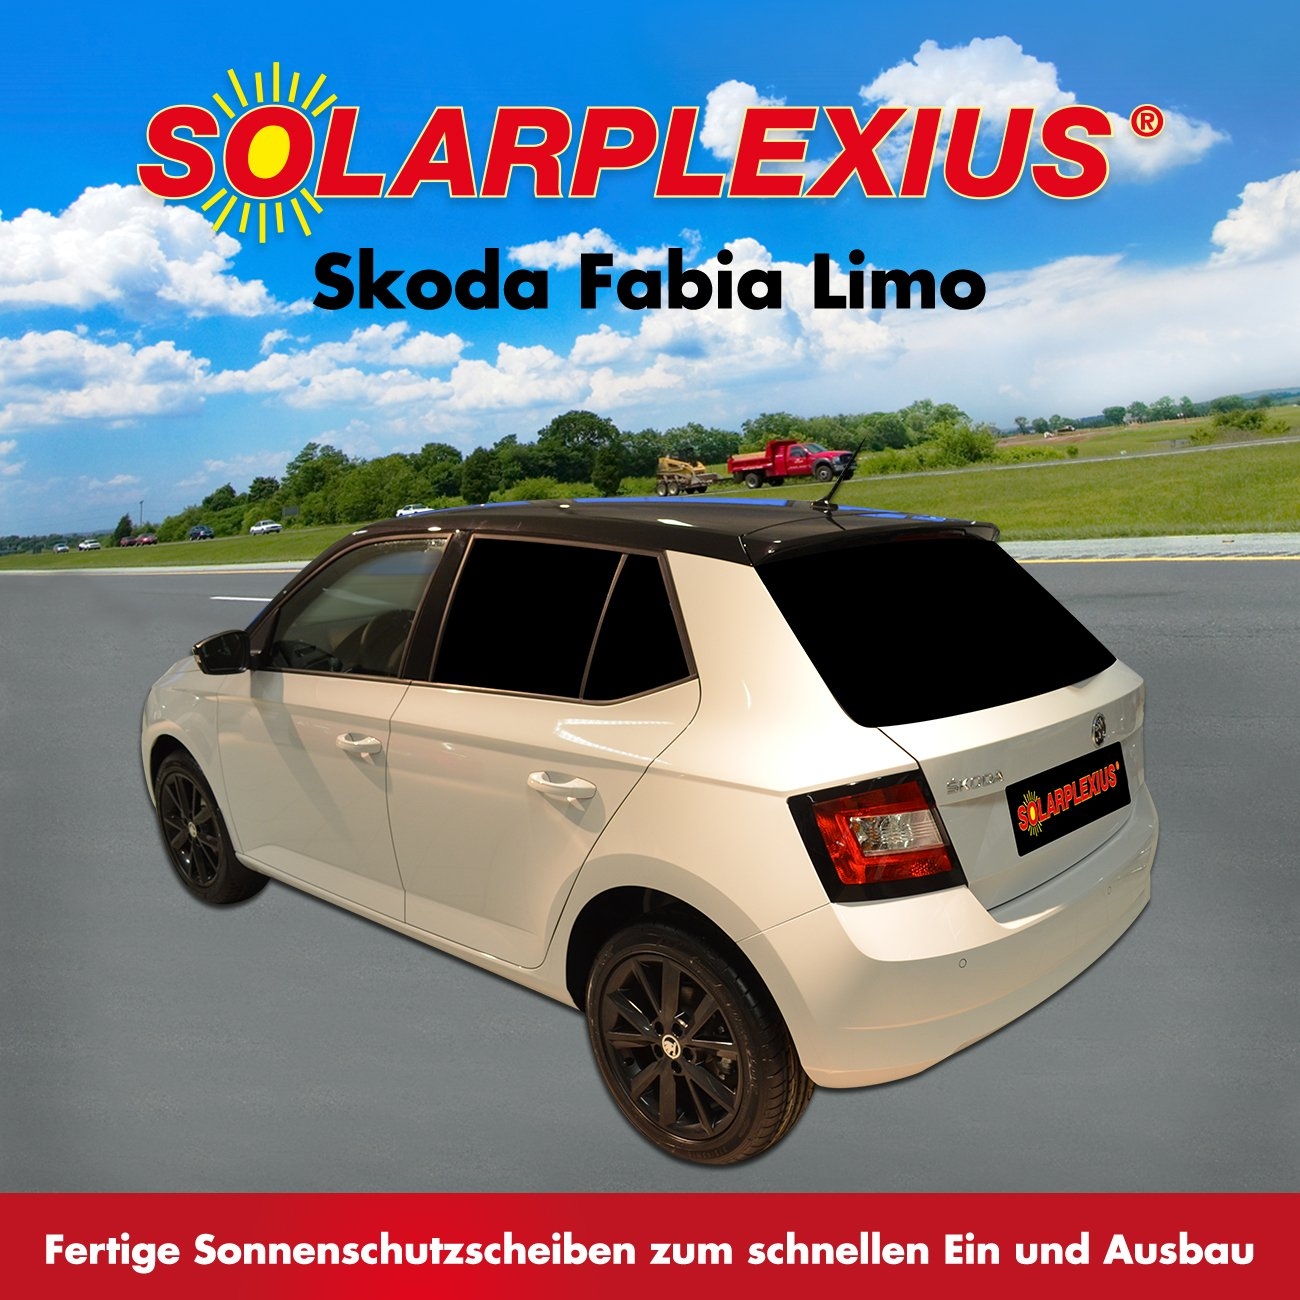 passgenaue Scheiben T/önung Vorsatzscheiben Skoda Fabia III Limo Bj.ab 2014 Keine Folien Sonnenblenden Auto Sonnenschutz fertige